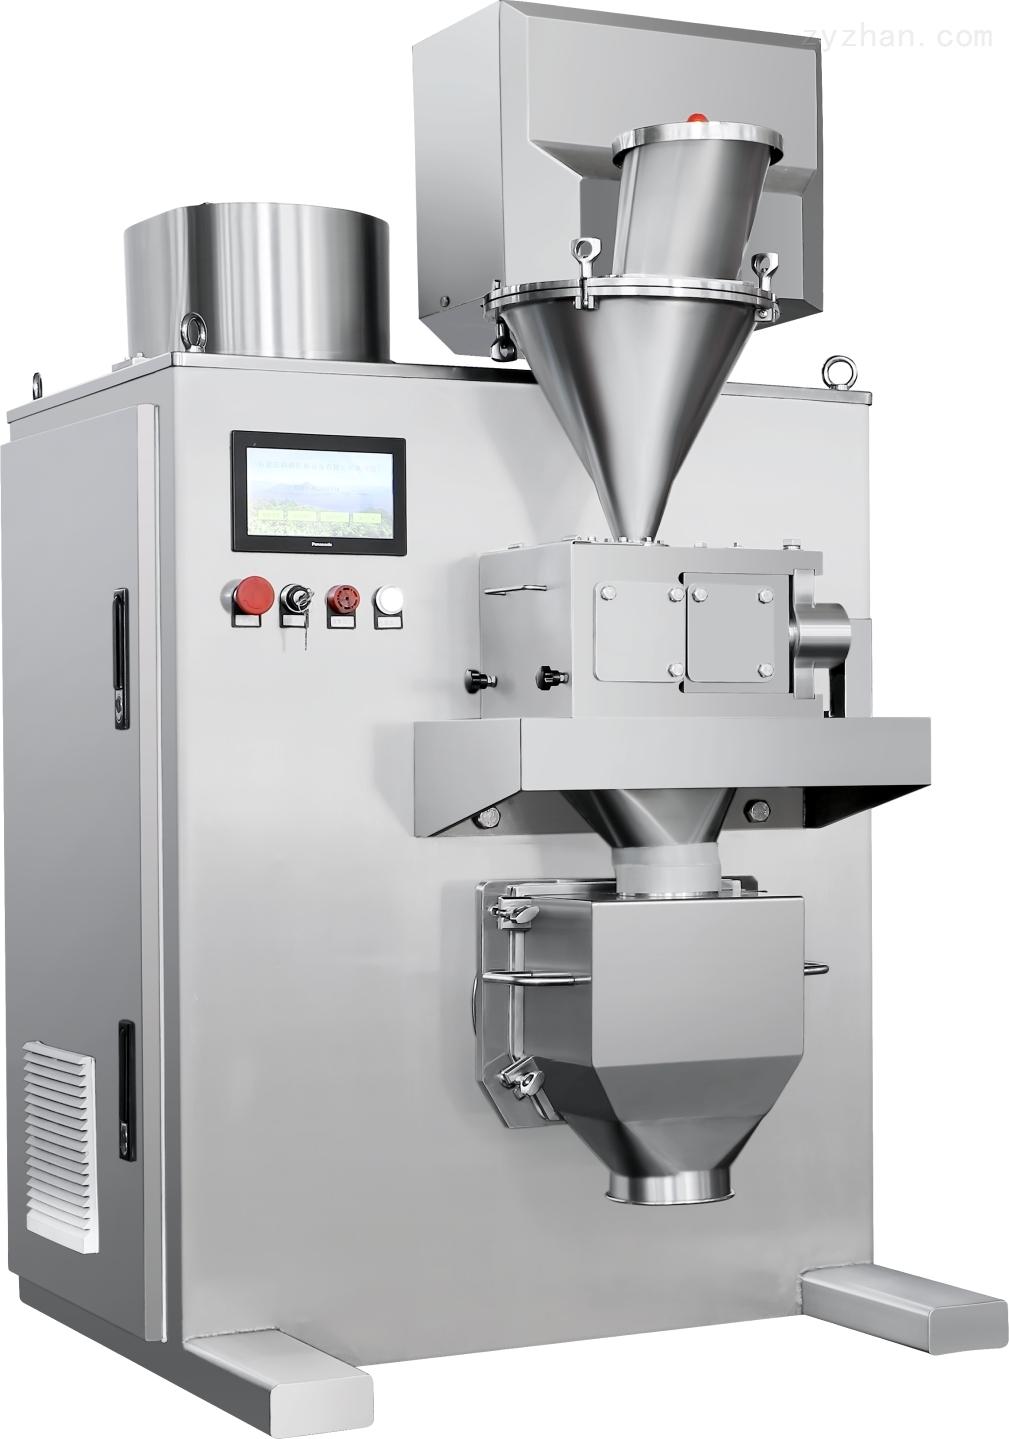 GYC200干法制粒机